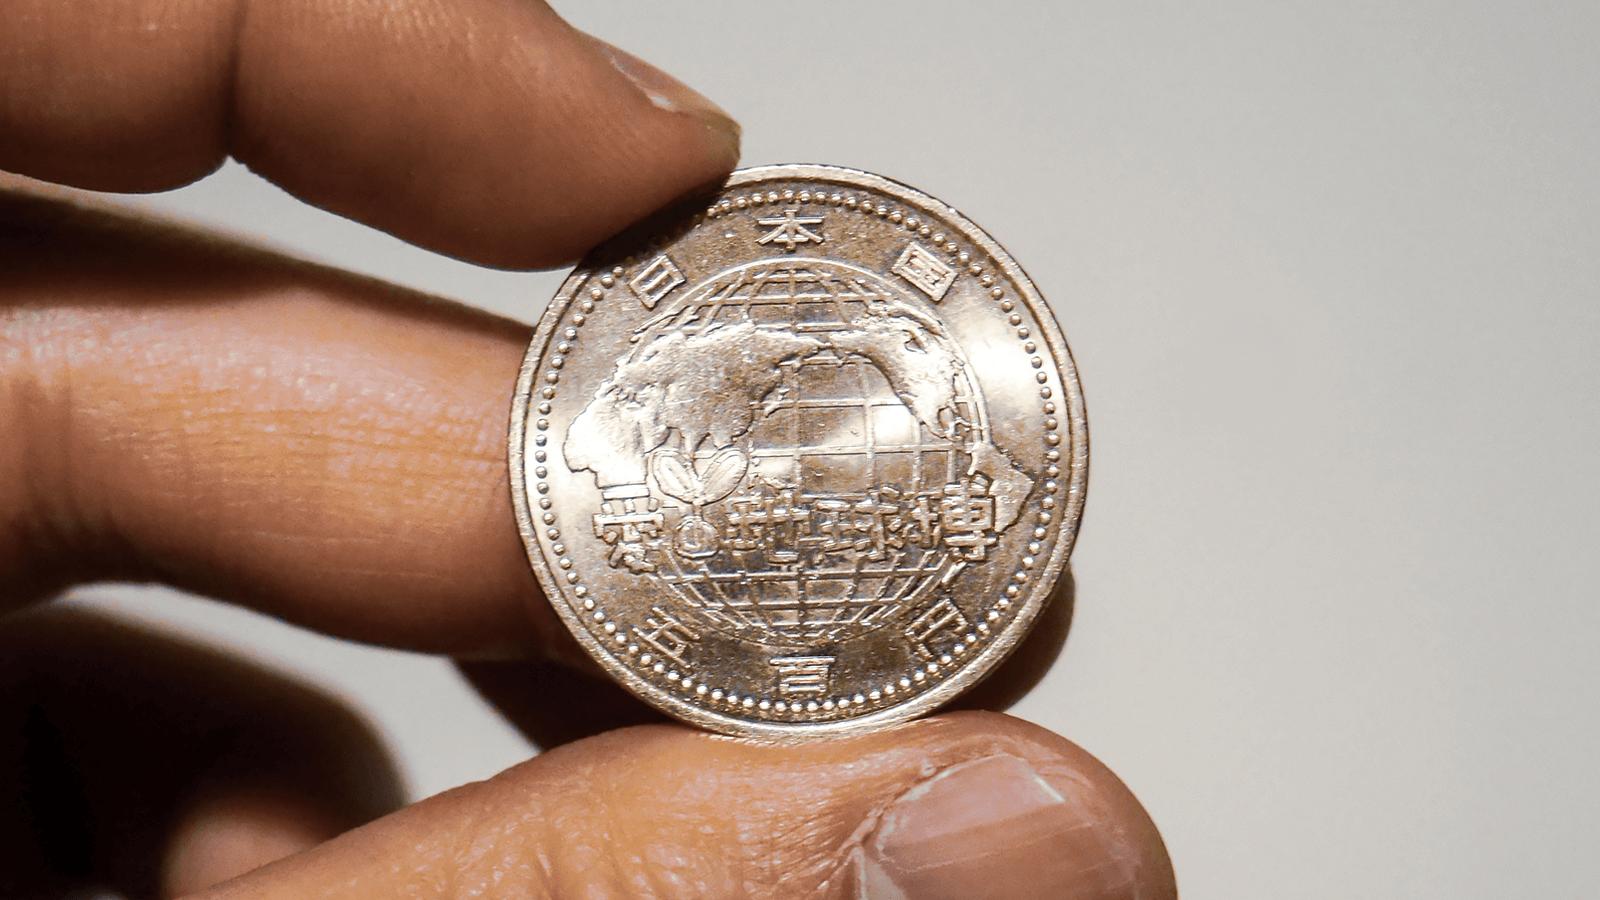 持っている記念コイン、いまどれくらい価値があるか調べてみた